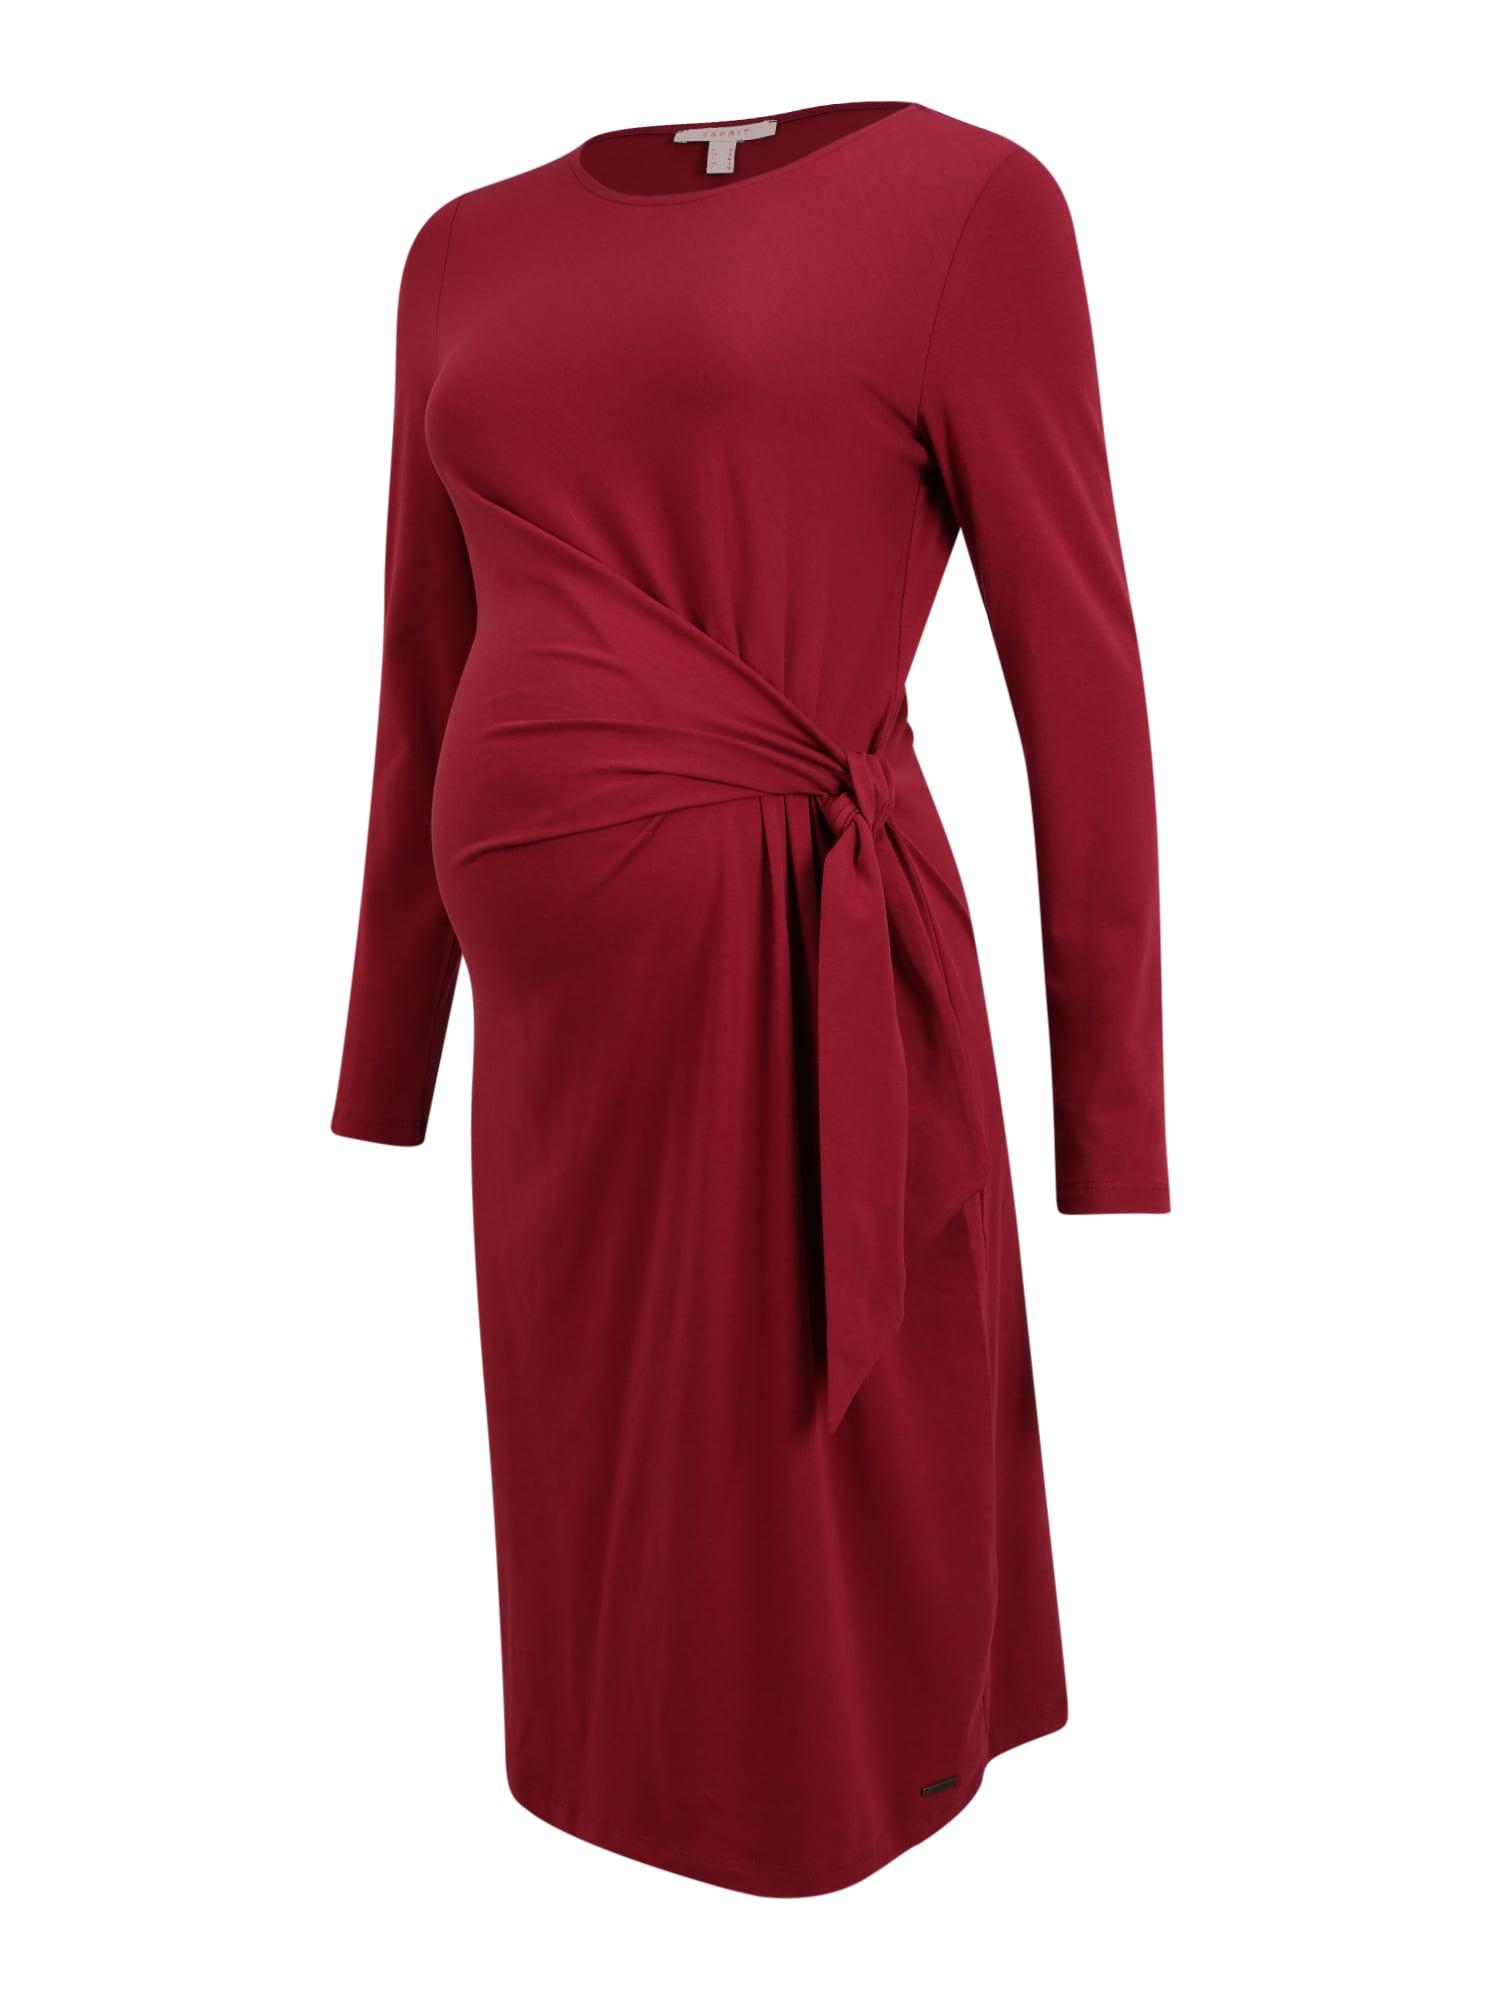 Esprit Maternity Suknelė raudona